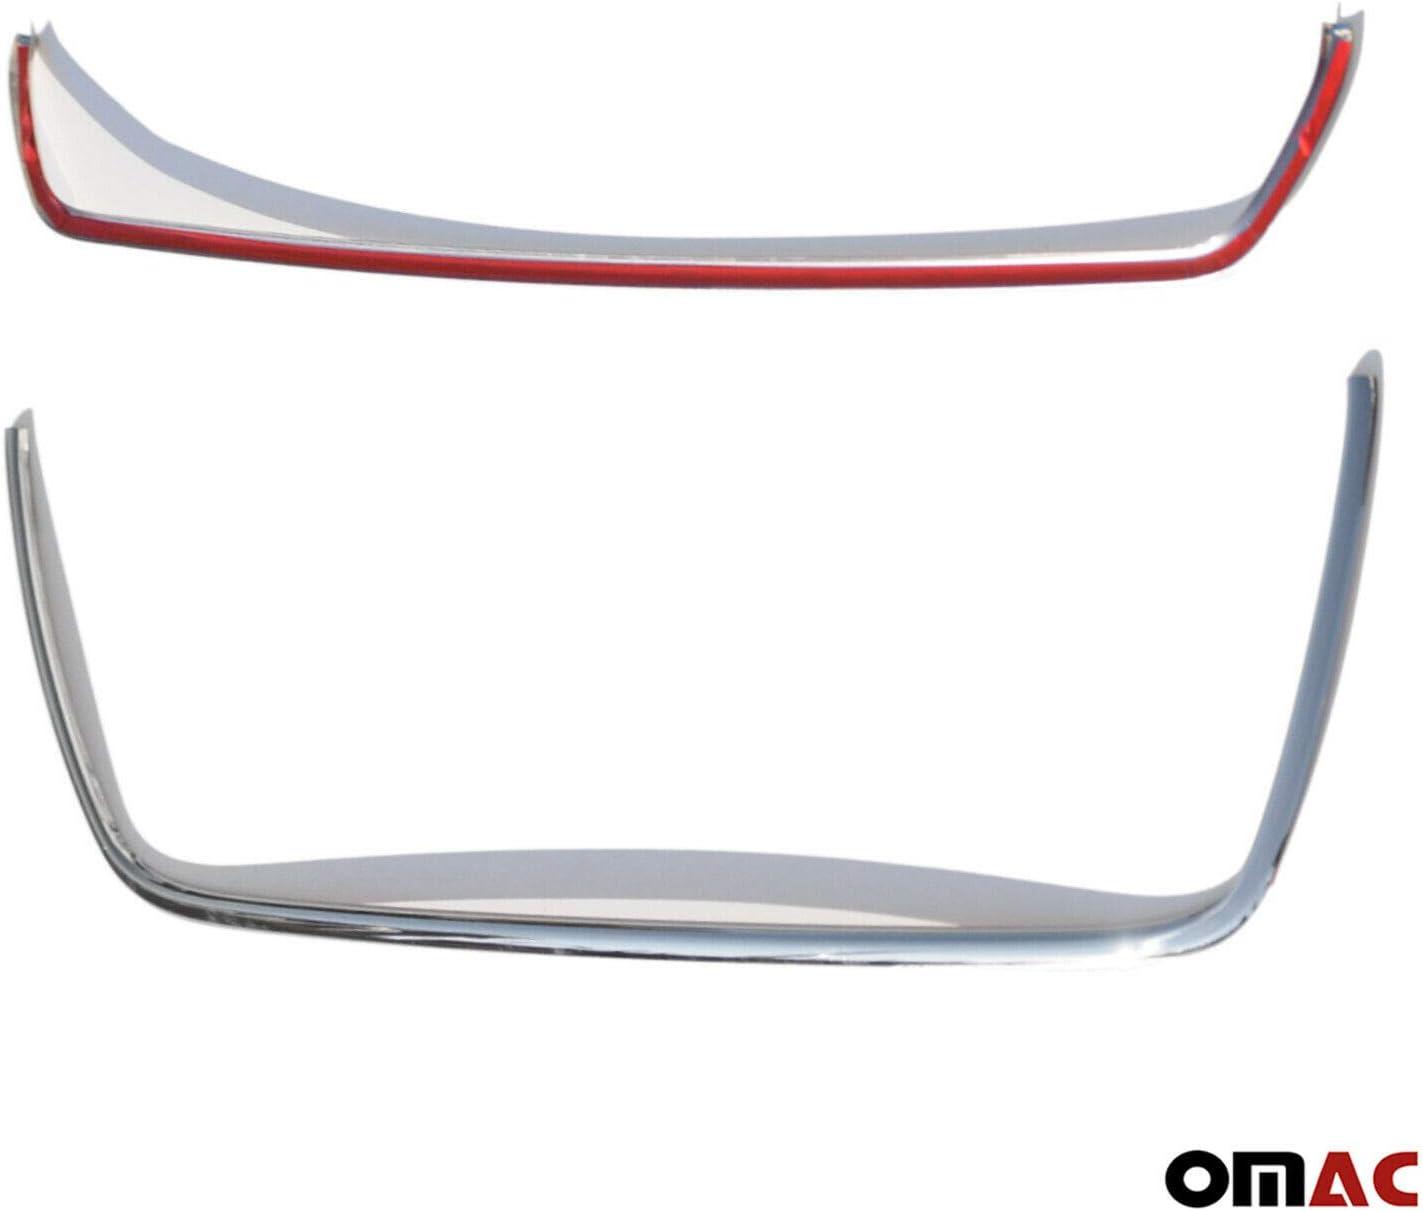 Cubierta para l/ámpara de niebla cromada de acero inoxidable 2 piezas para Ford Transit MK8 2014 en adelante